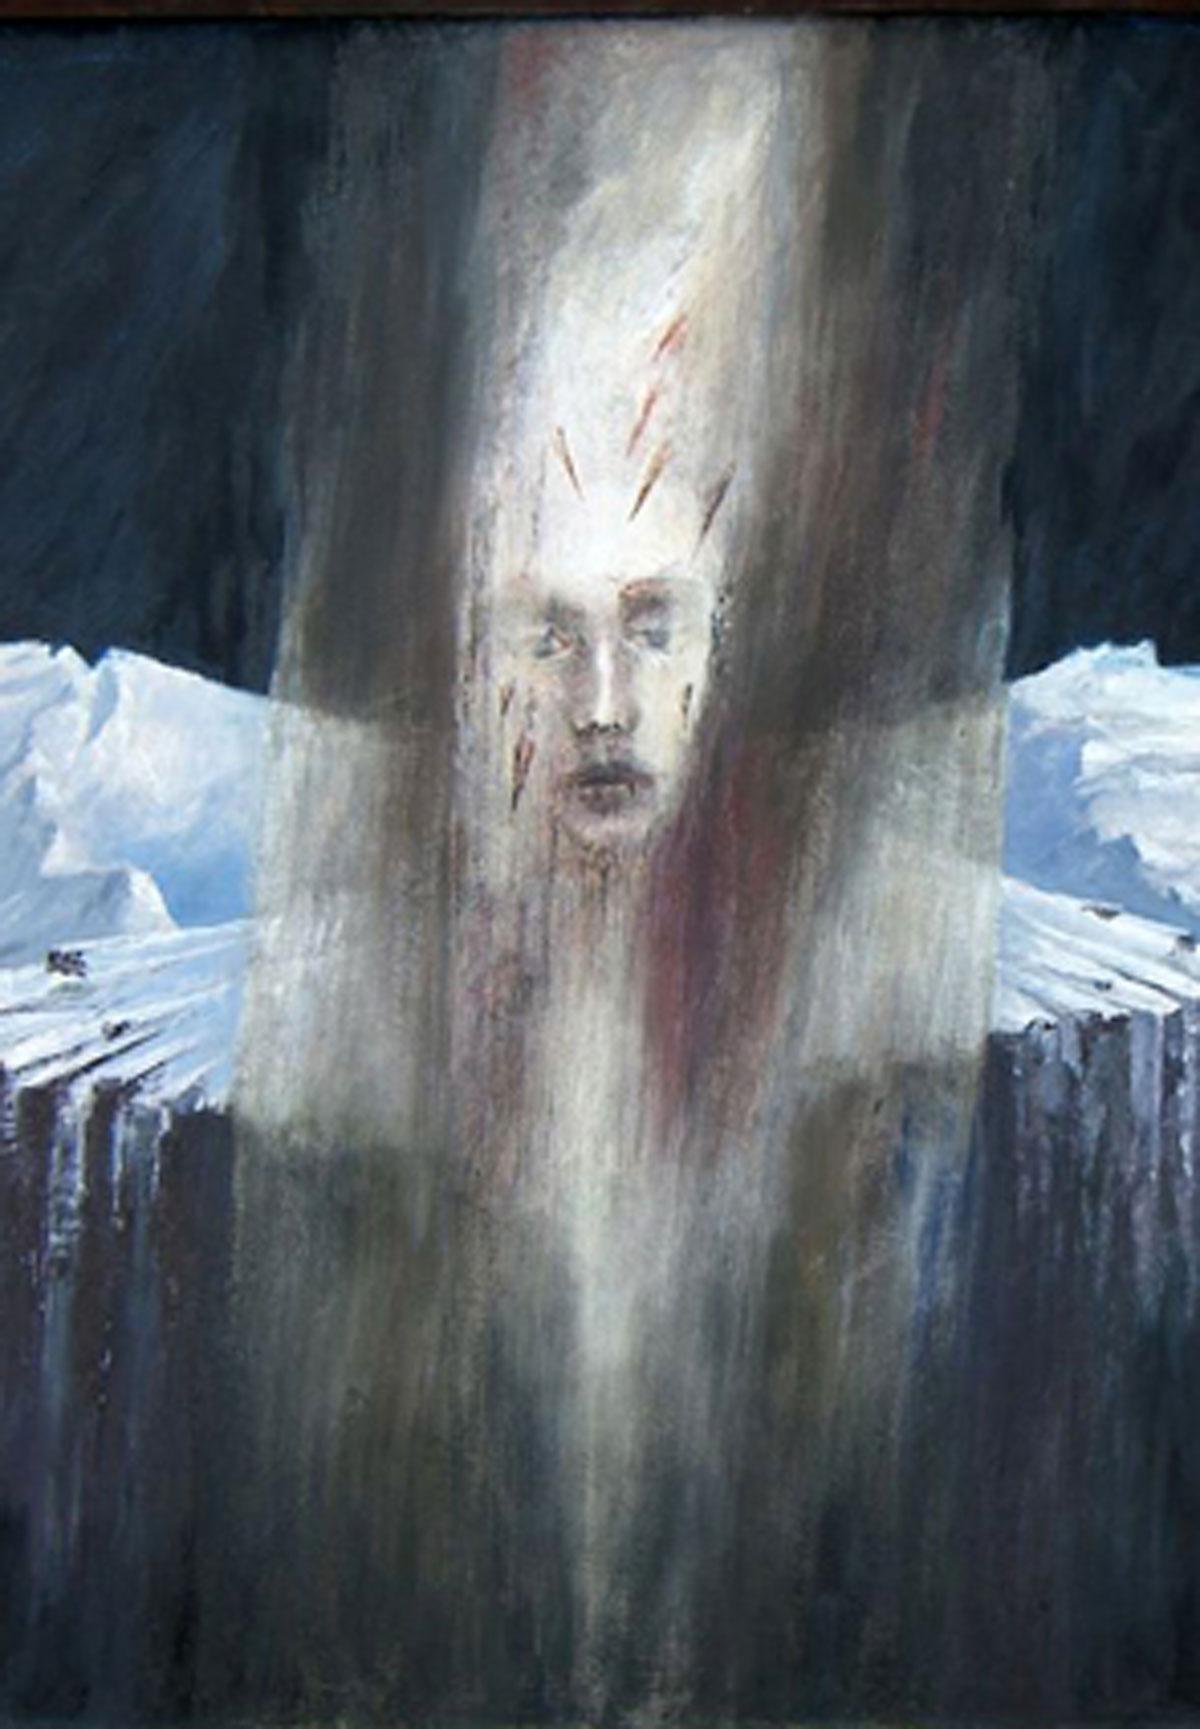 Egbert Verbeek, Christus vor Eislandschaft, 1982